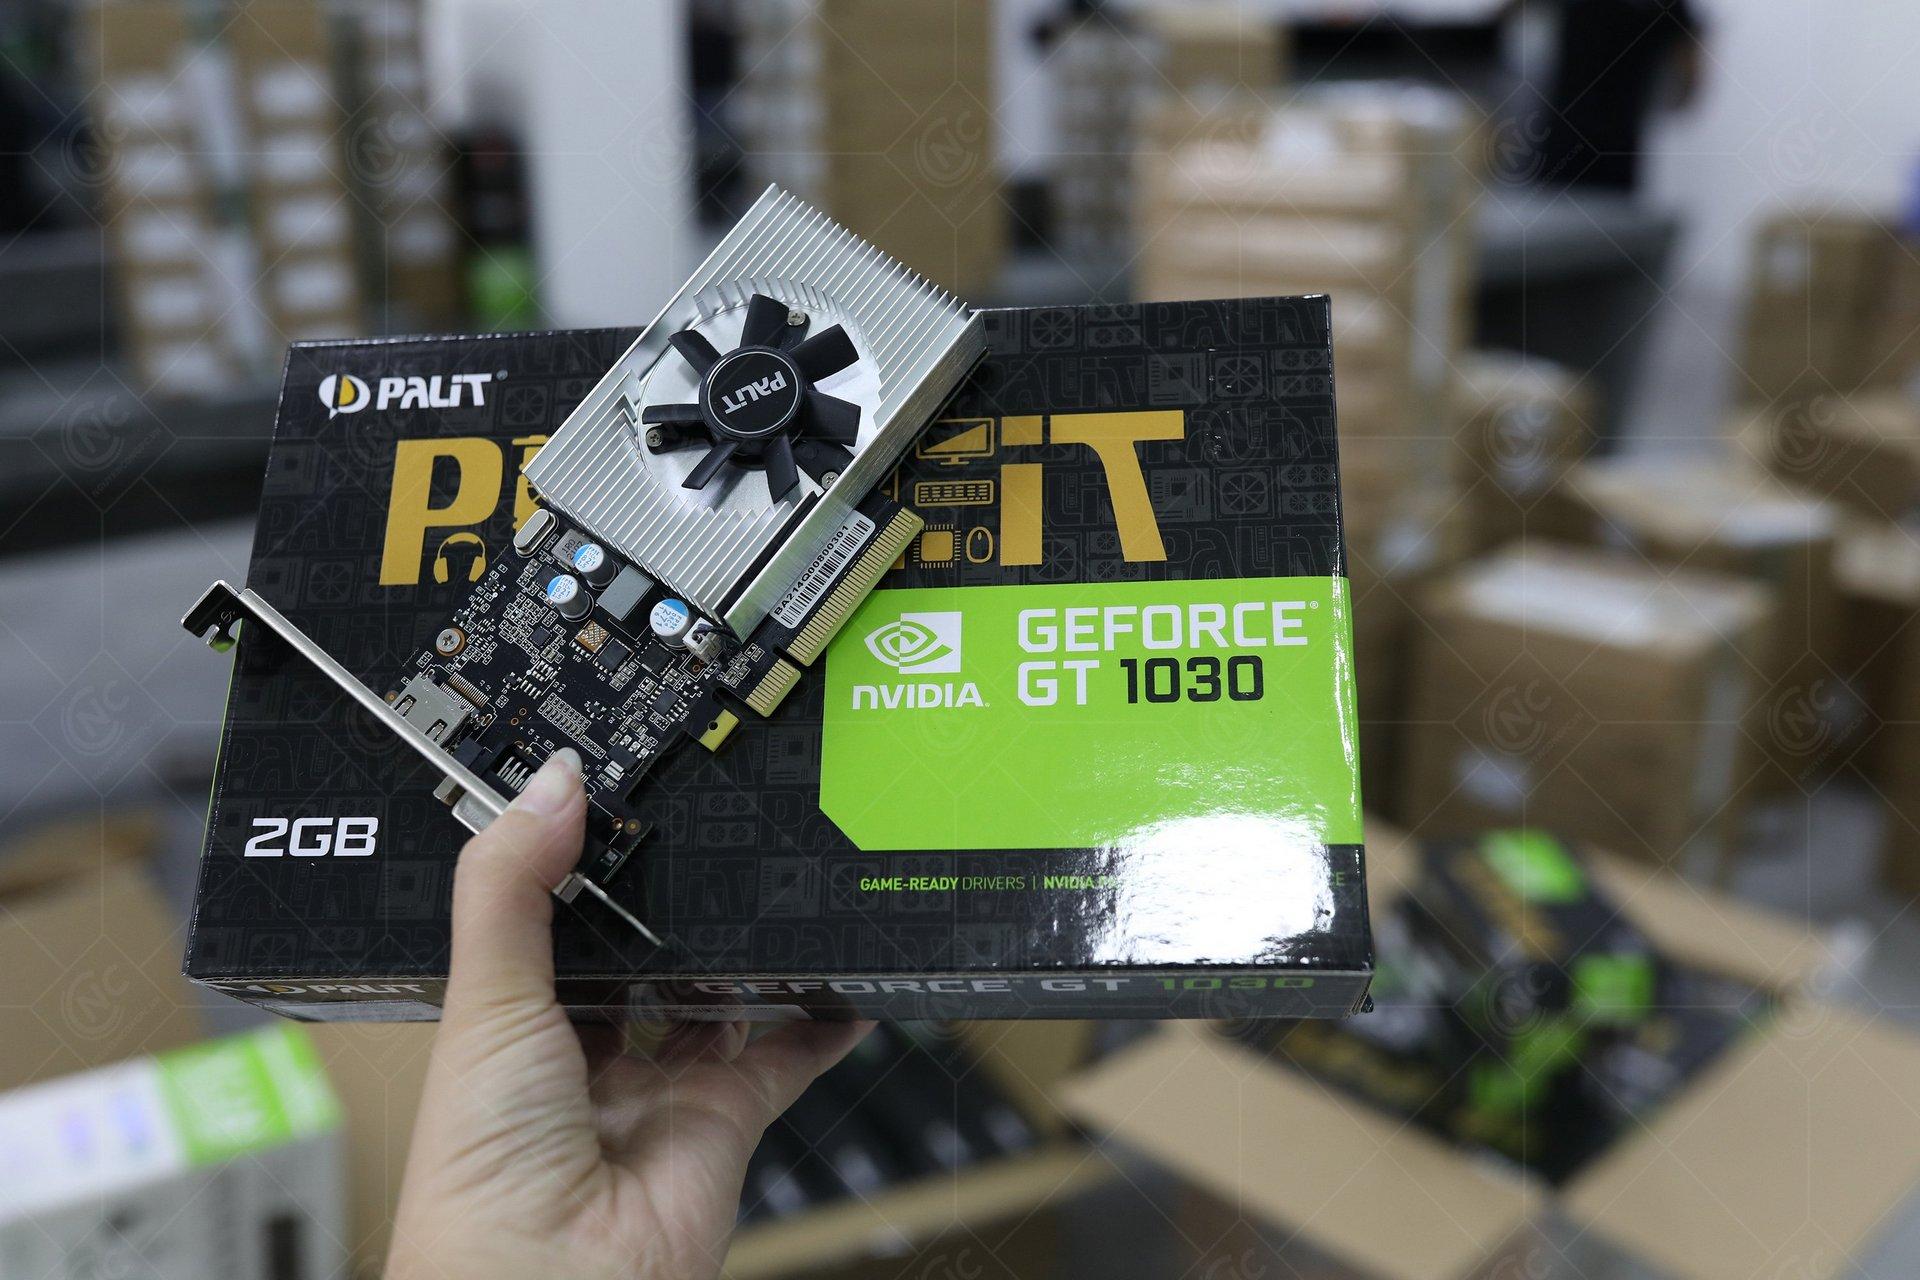 GeForce GT 1030 2GB DDR5